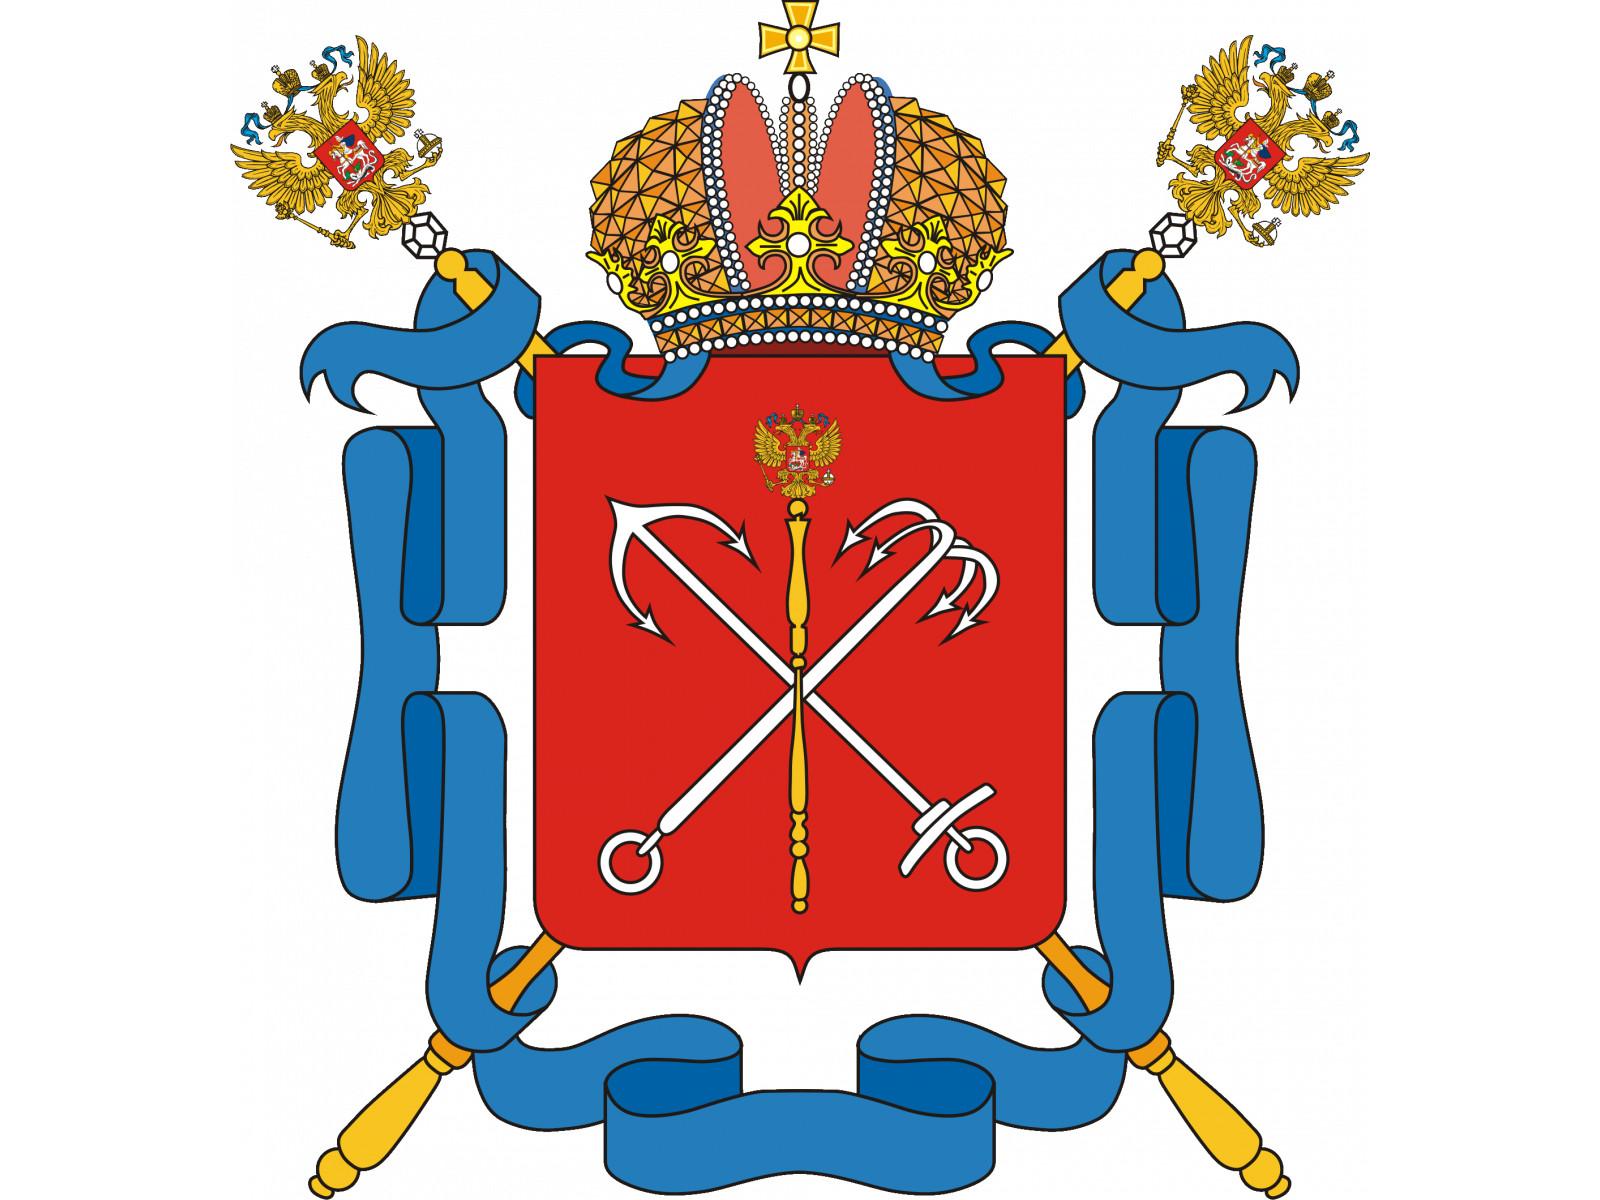 Успешное выступление кафедры по итогам конкурса грантов Правительства Санкт-Петербурга в 2013 году